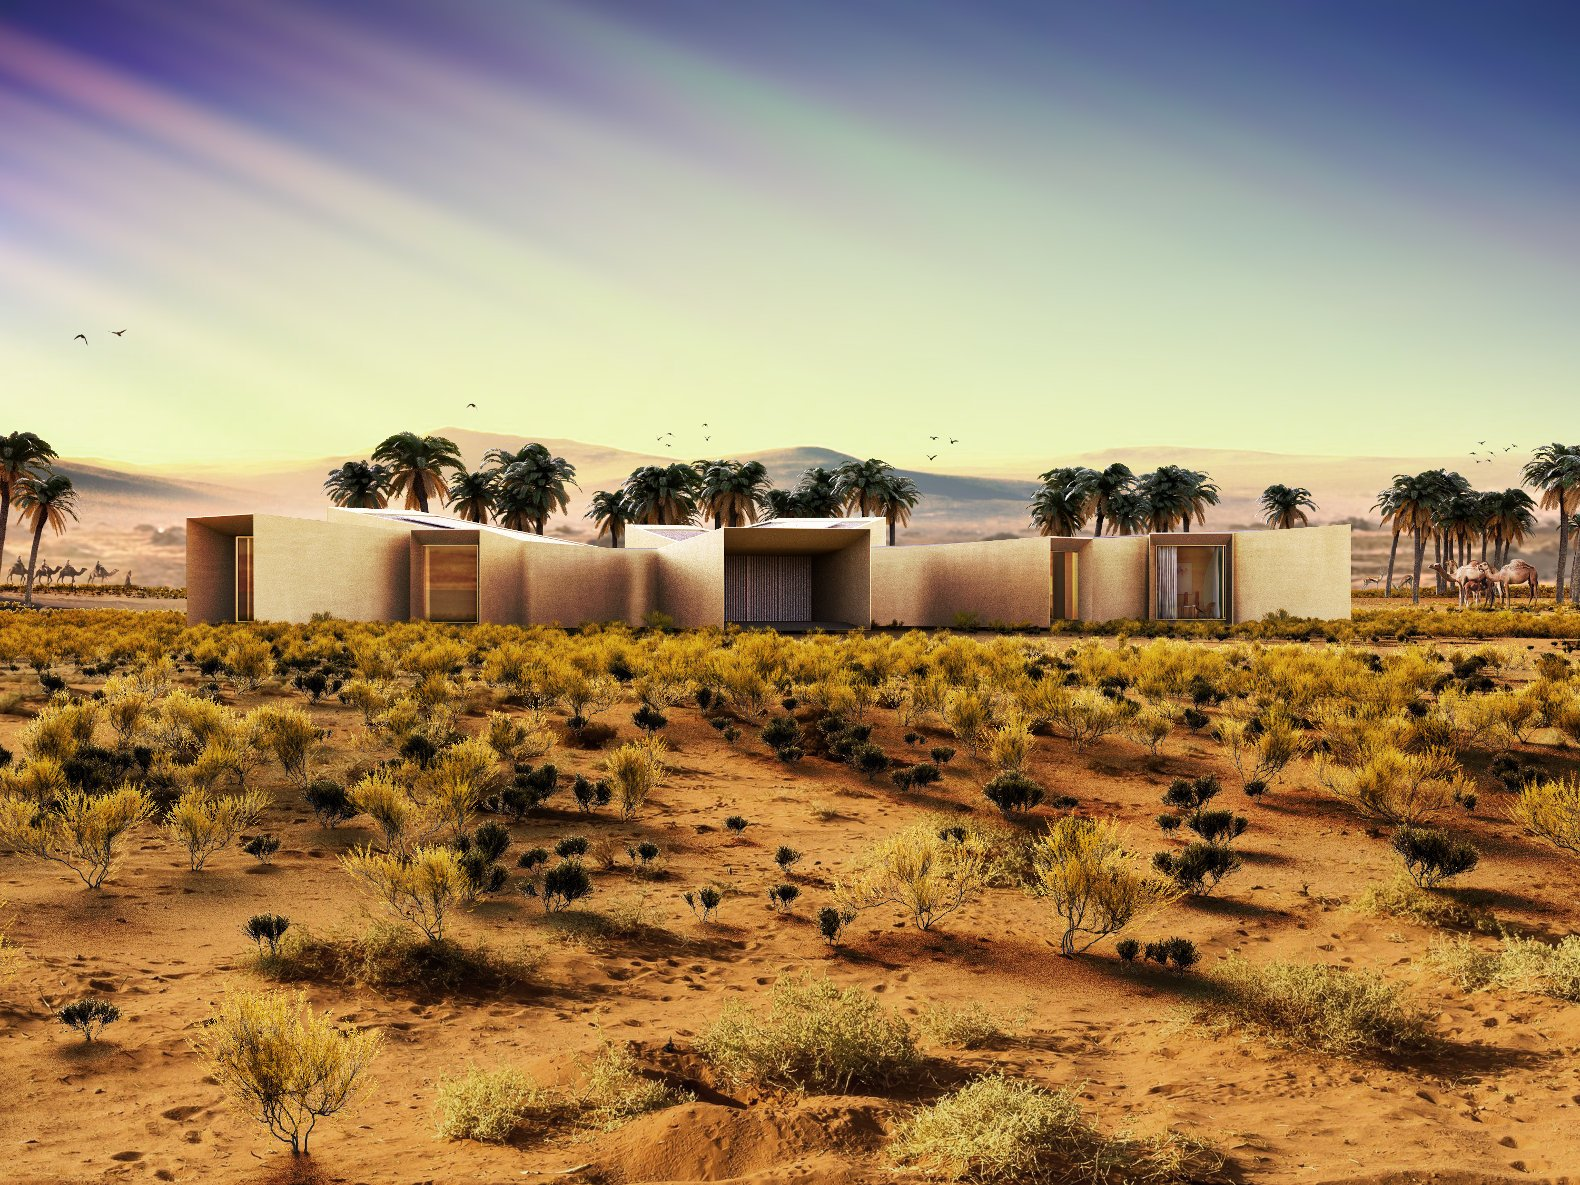 Der Entwurf für das Feriendomizil stammt von Baharash Architectures in London. Der Gründer desBüros, Baharash Bagherian, hat sich auf den Bau von umweltverträglichen Gebäuden in Wüstenregionen spezialisiert.